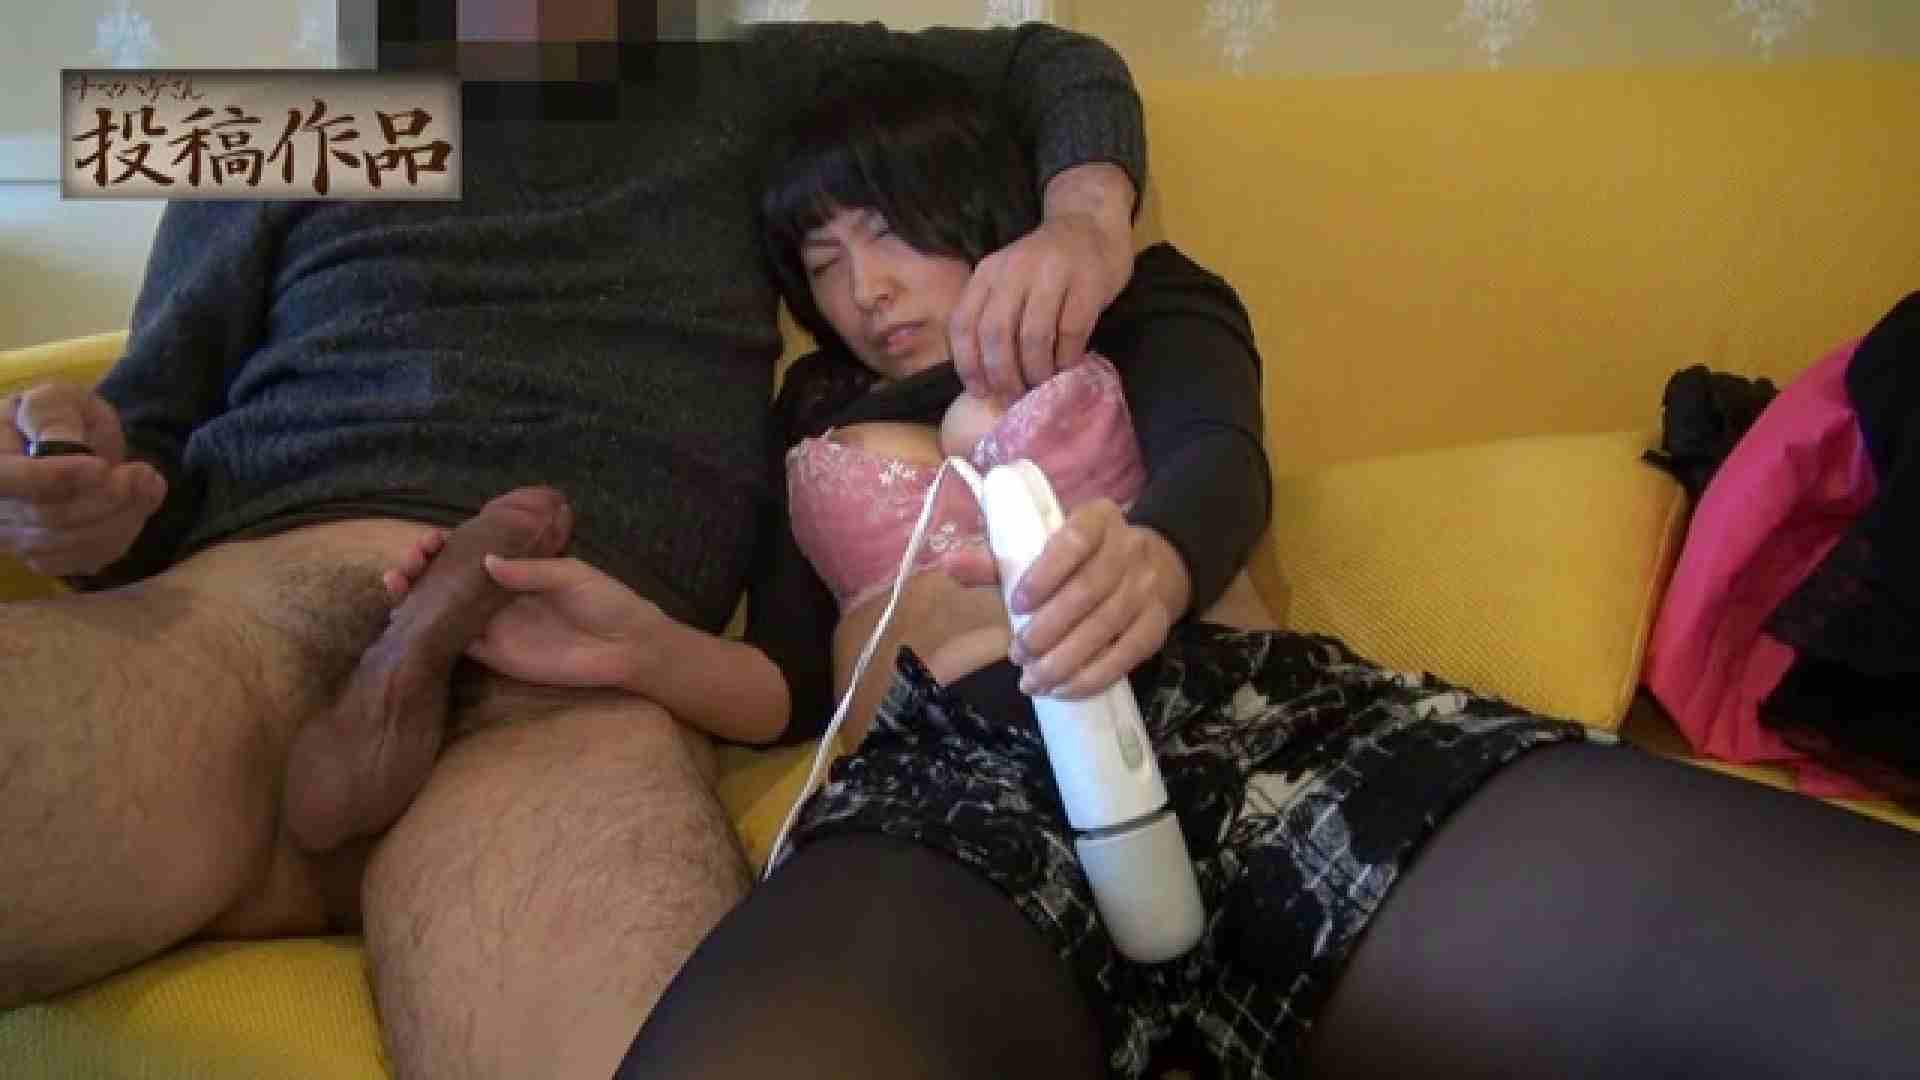 ナマハゲさんのまんこコレクション第二章 Ayaka 一般投稿 ワレメ動画紹介 94pic 14